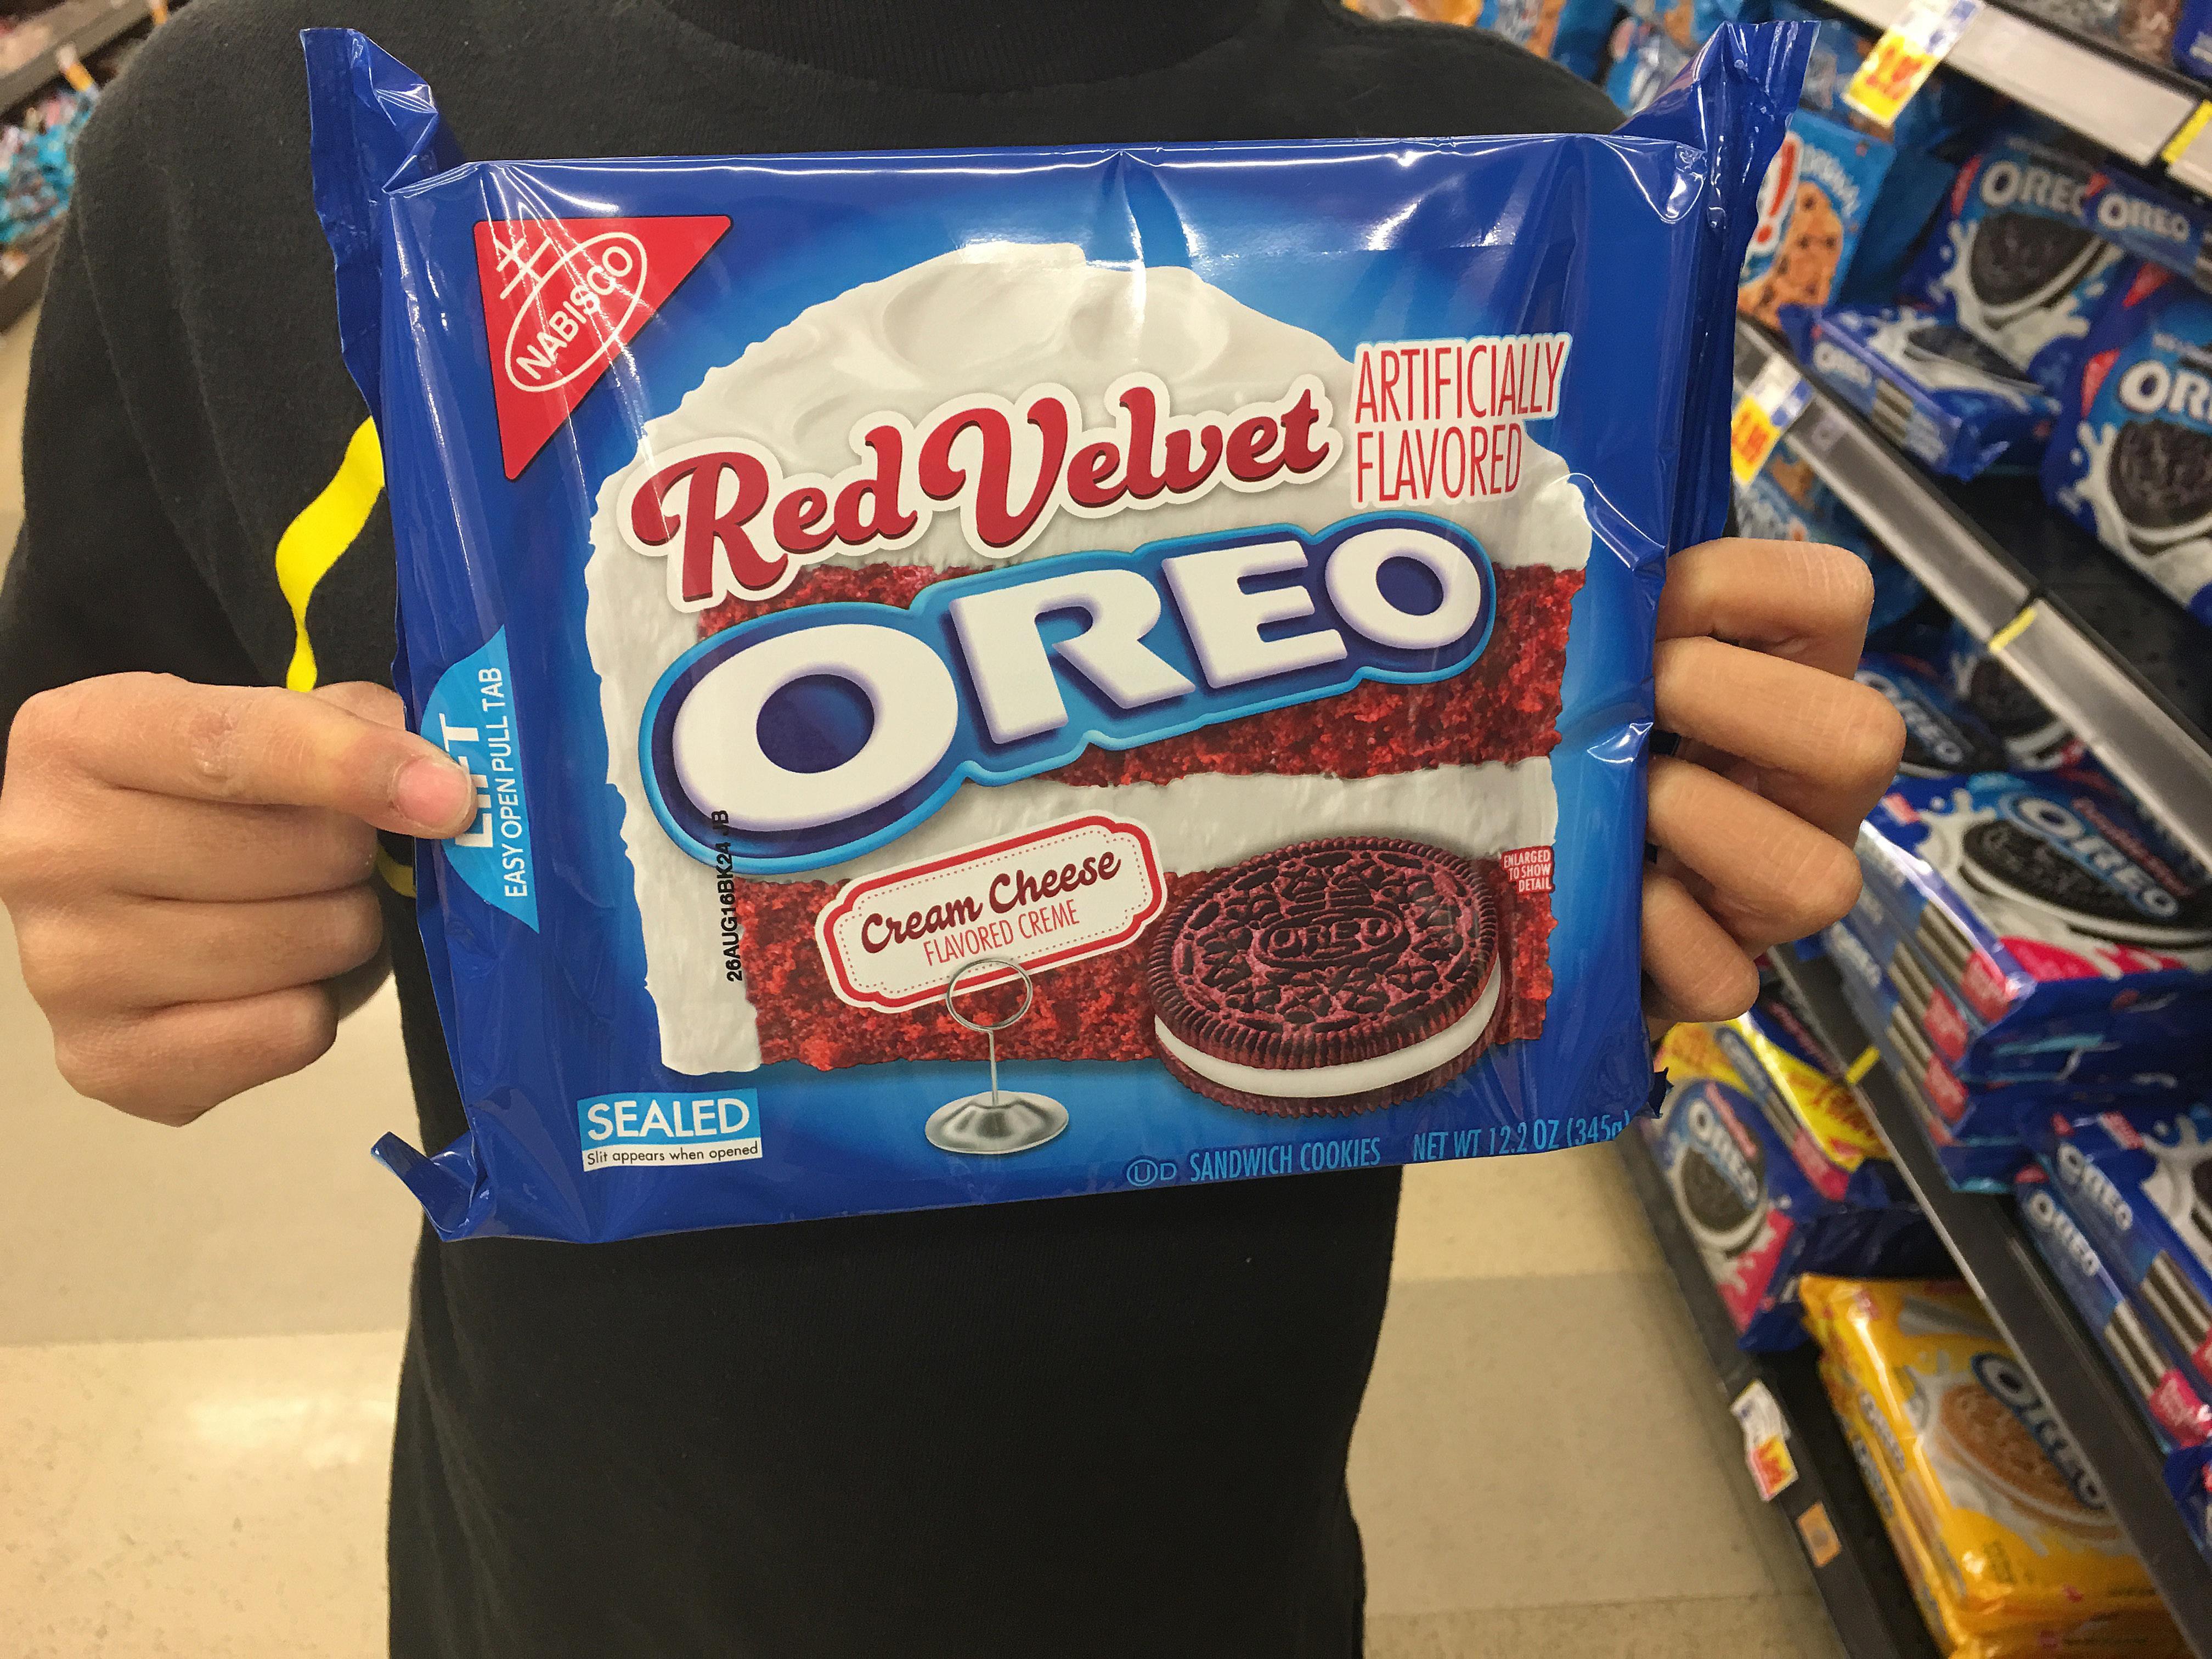 A bag of Red Velvet Oreo's.